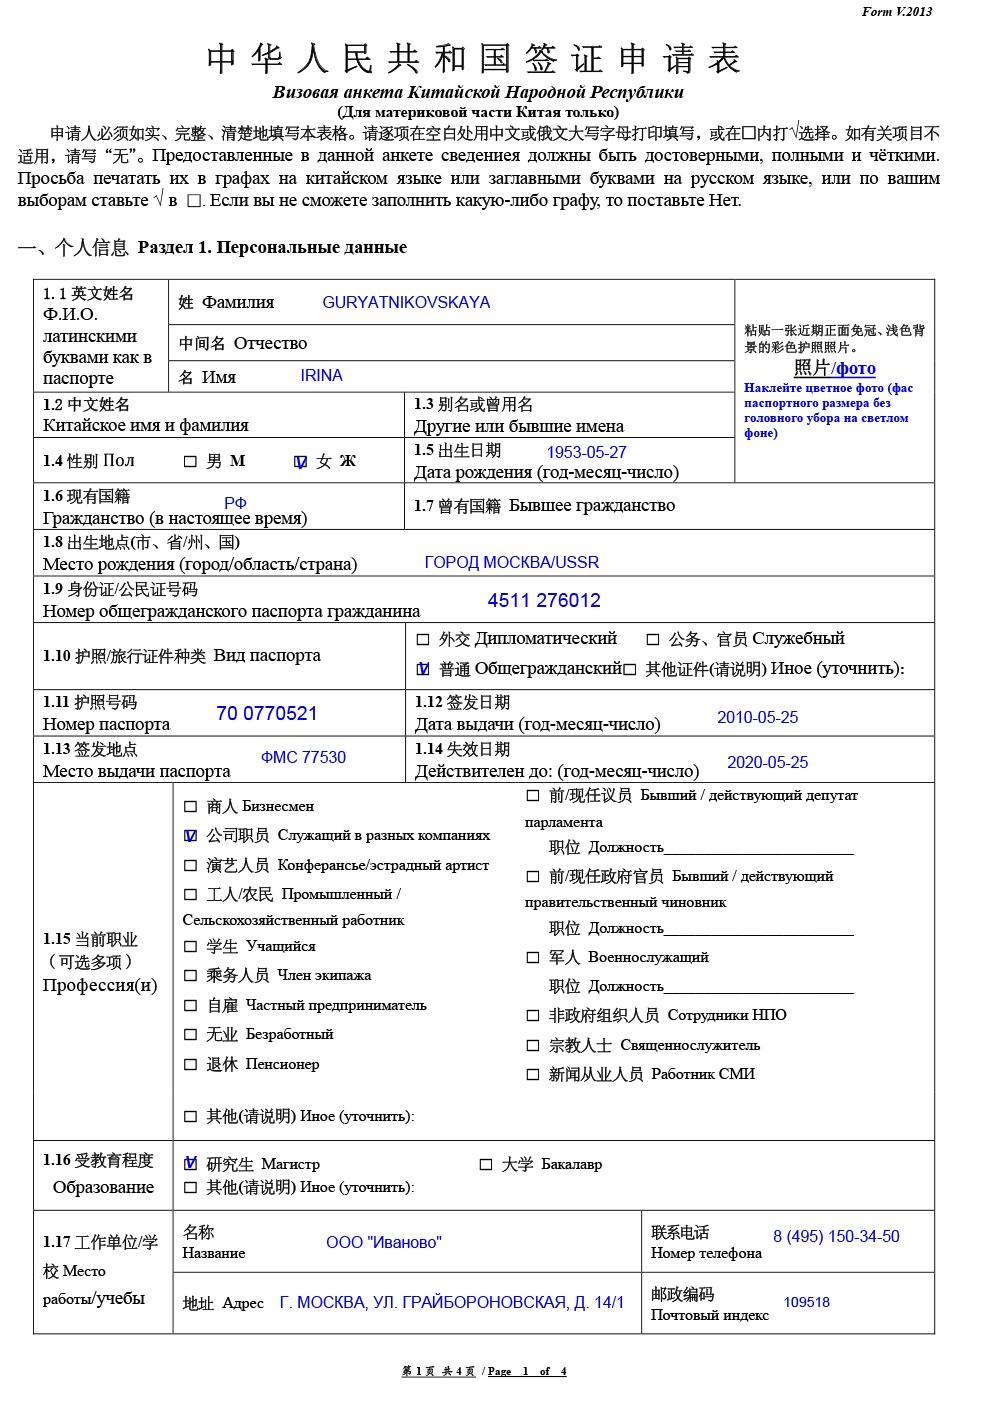 Образец заполненной анкеты на китайскую визу, стр. 1